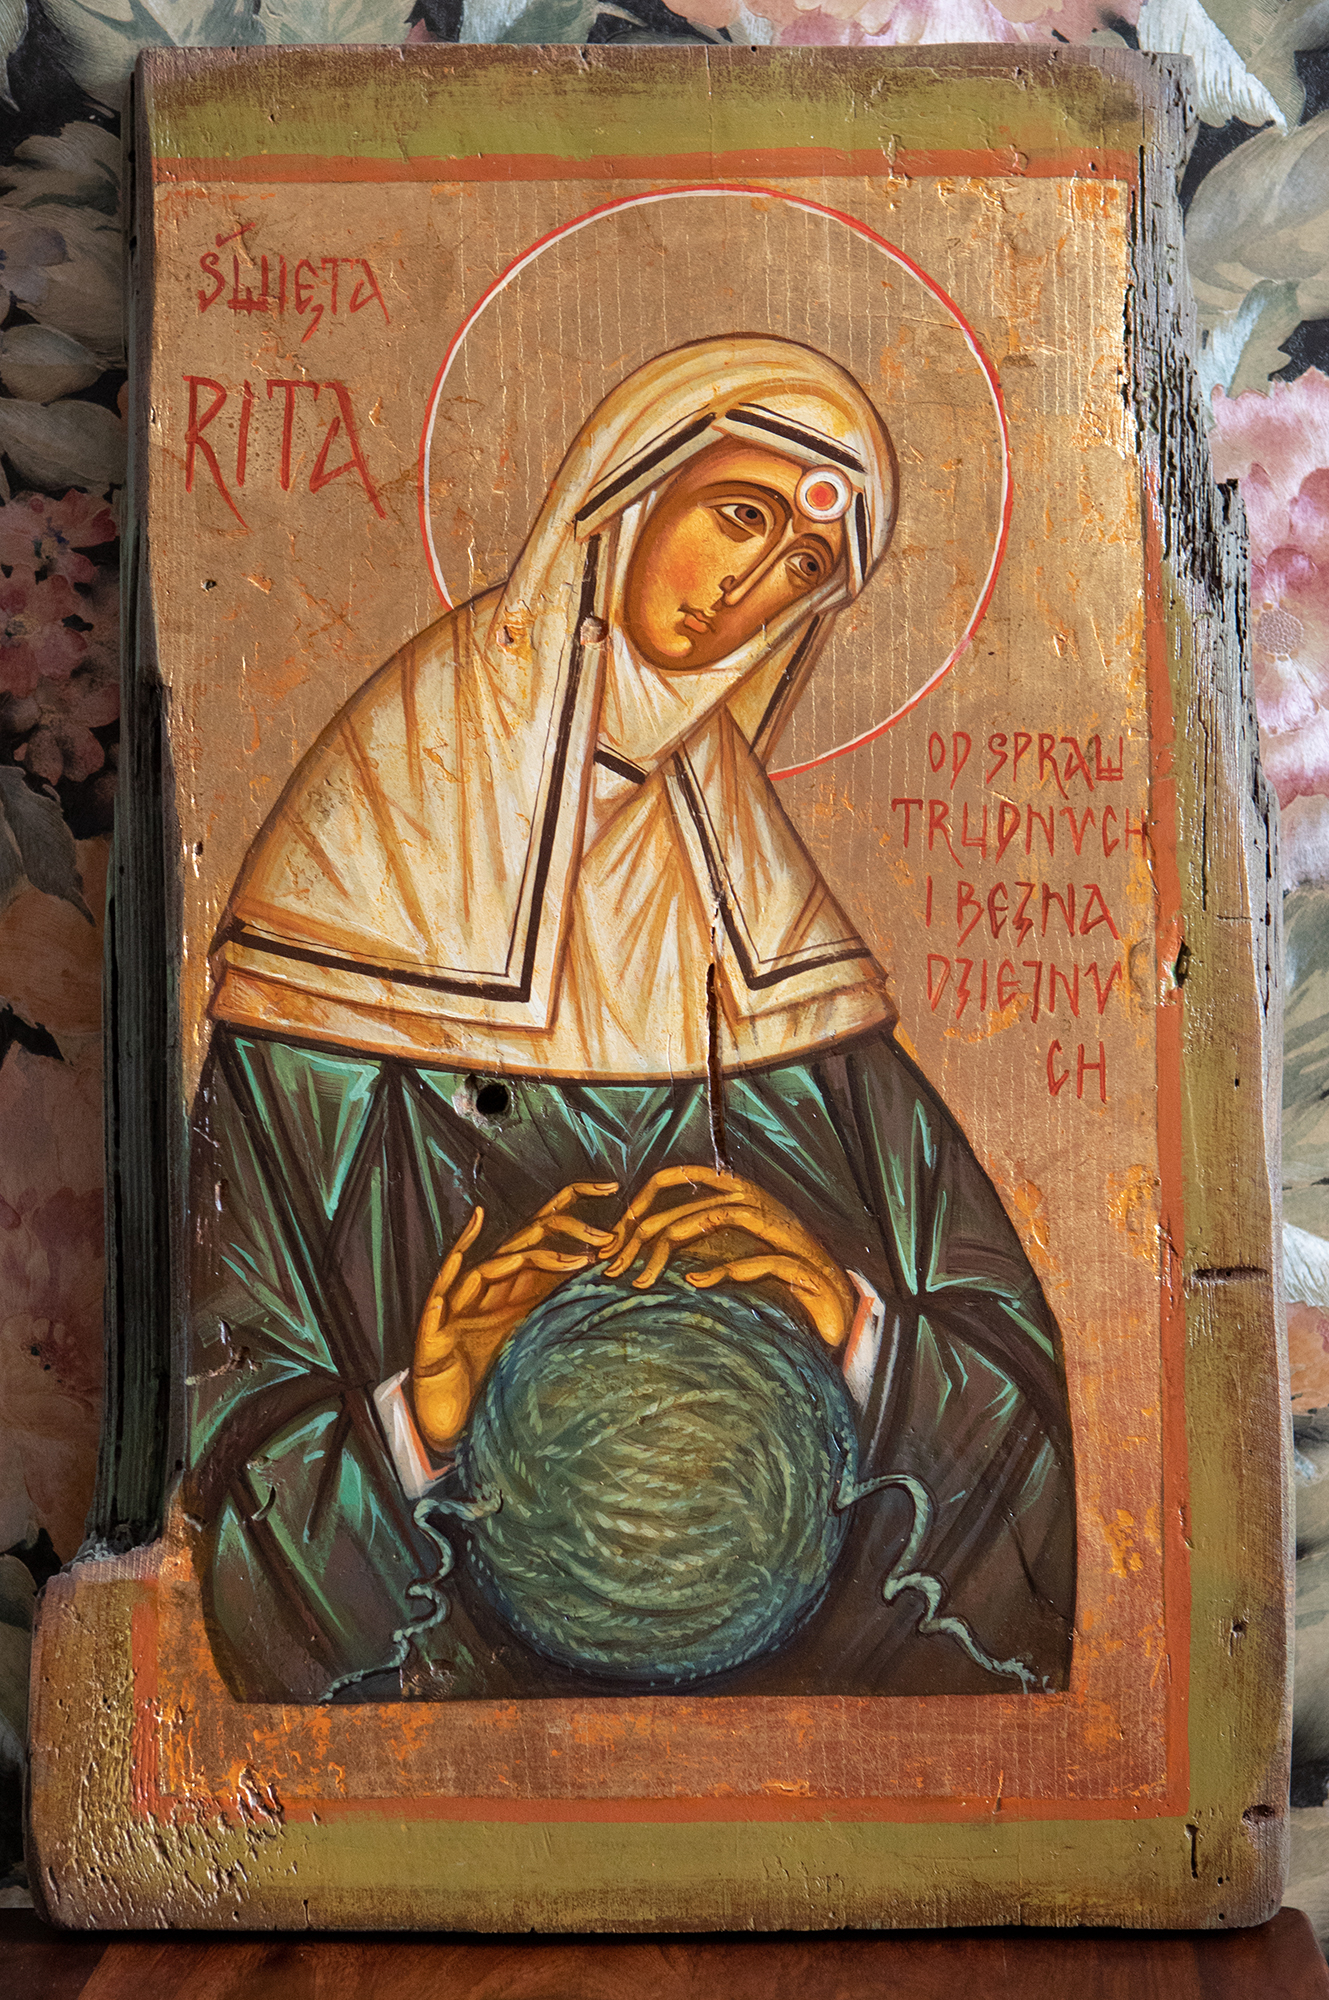 """Św. Rita z atrybutem ciernia (z korony cierniowej Zbawiciela) wbitym głęboko w jej czoło. Święta rozsupłuje """"węzeł gordyjski"""" w kształcie kuli."""